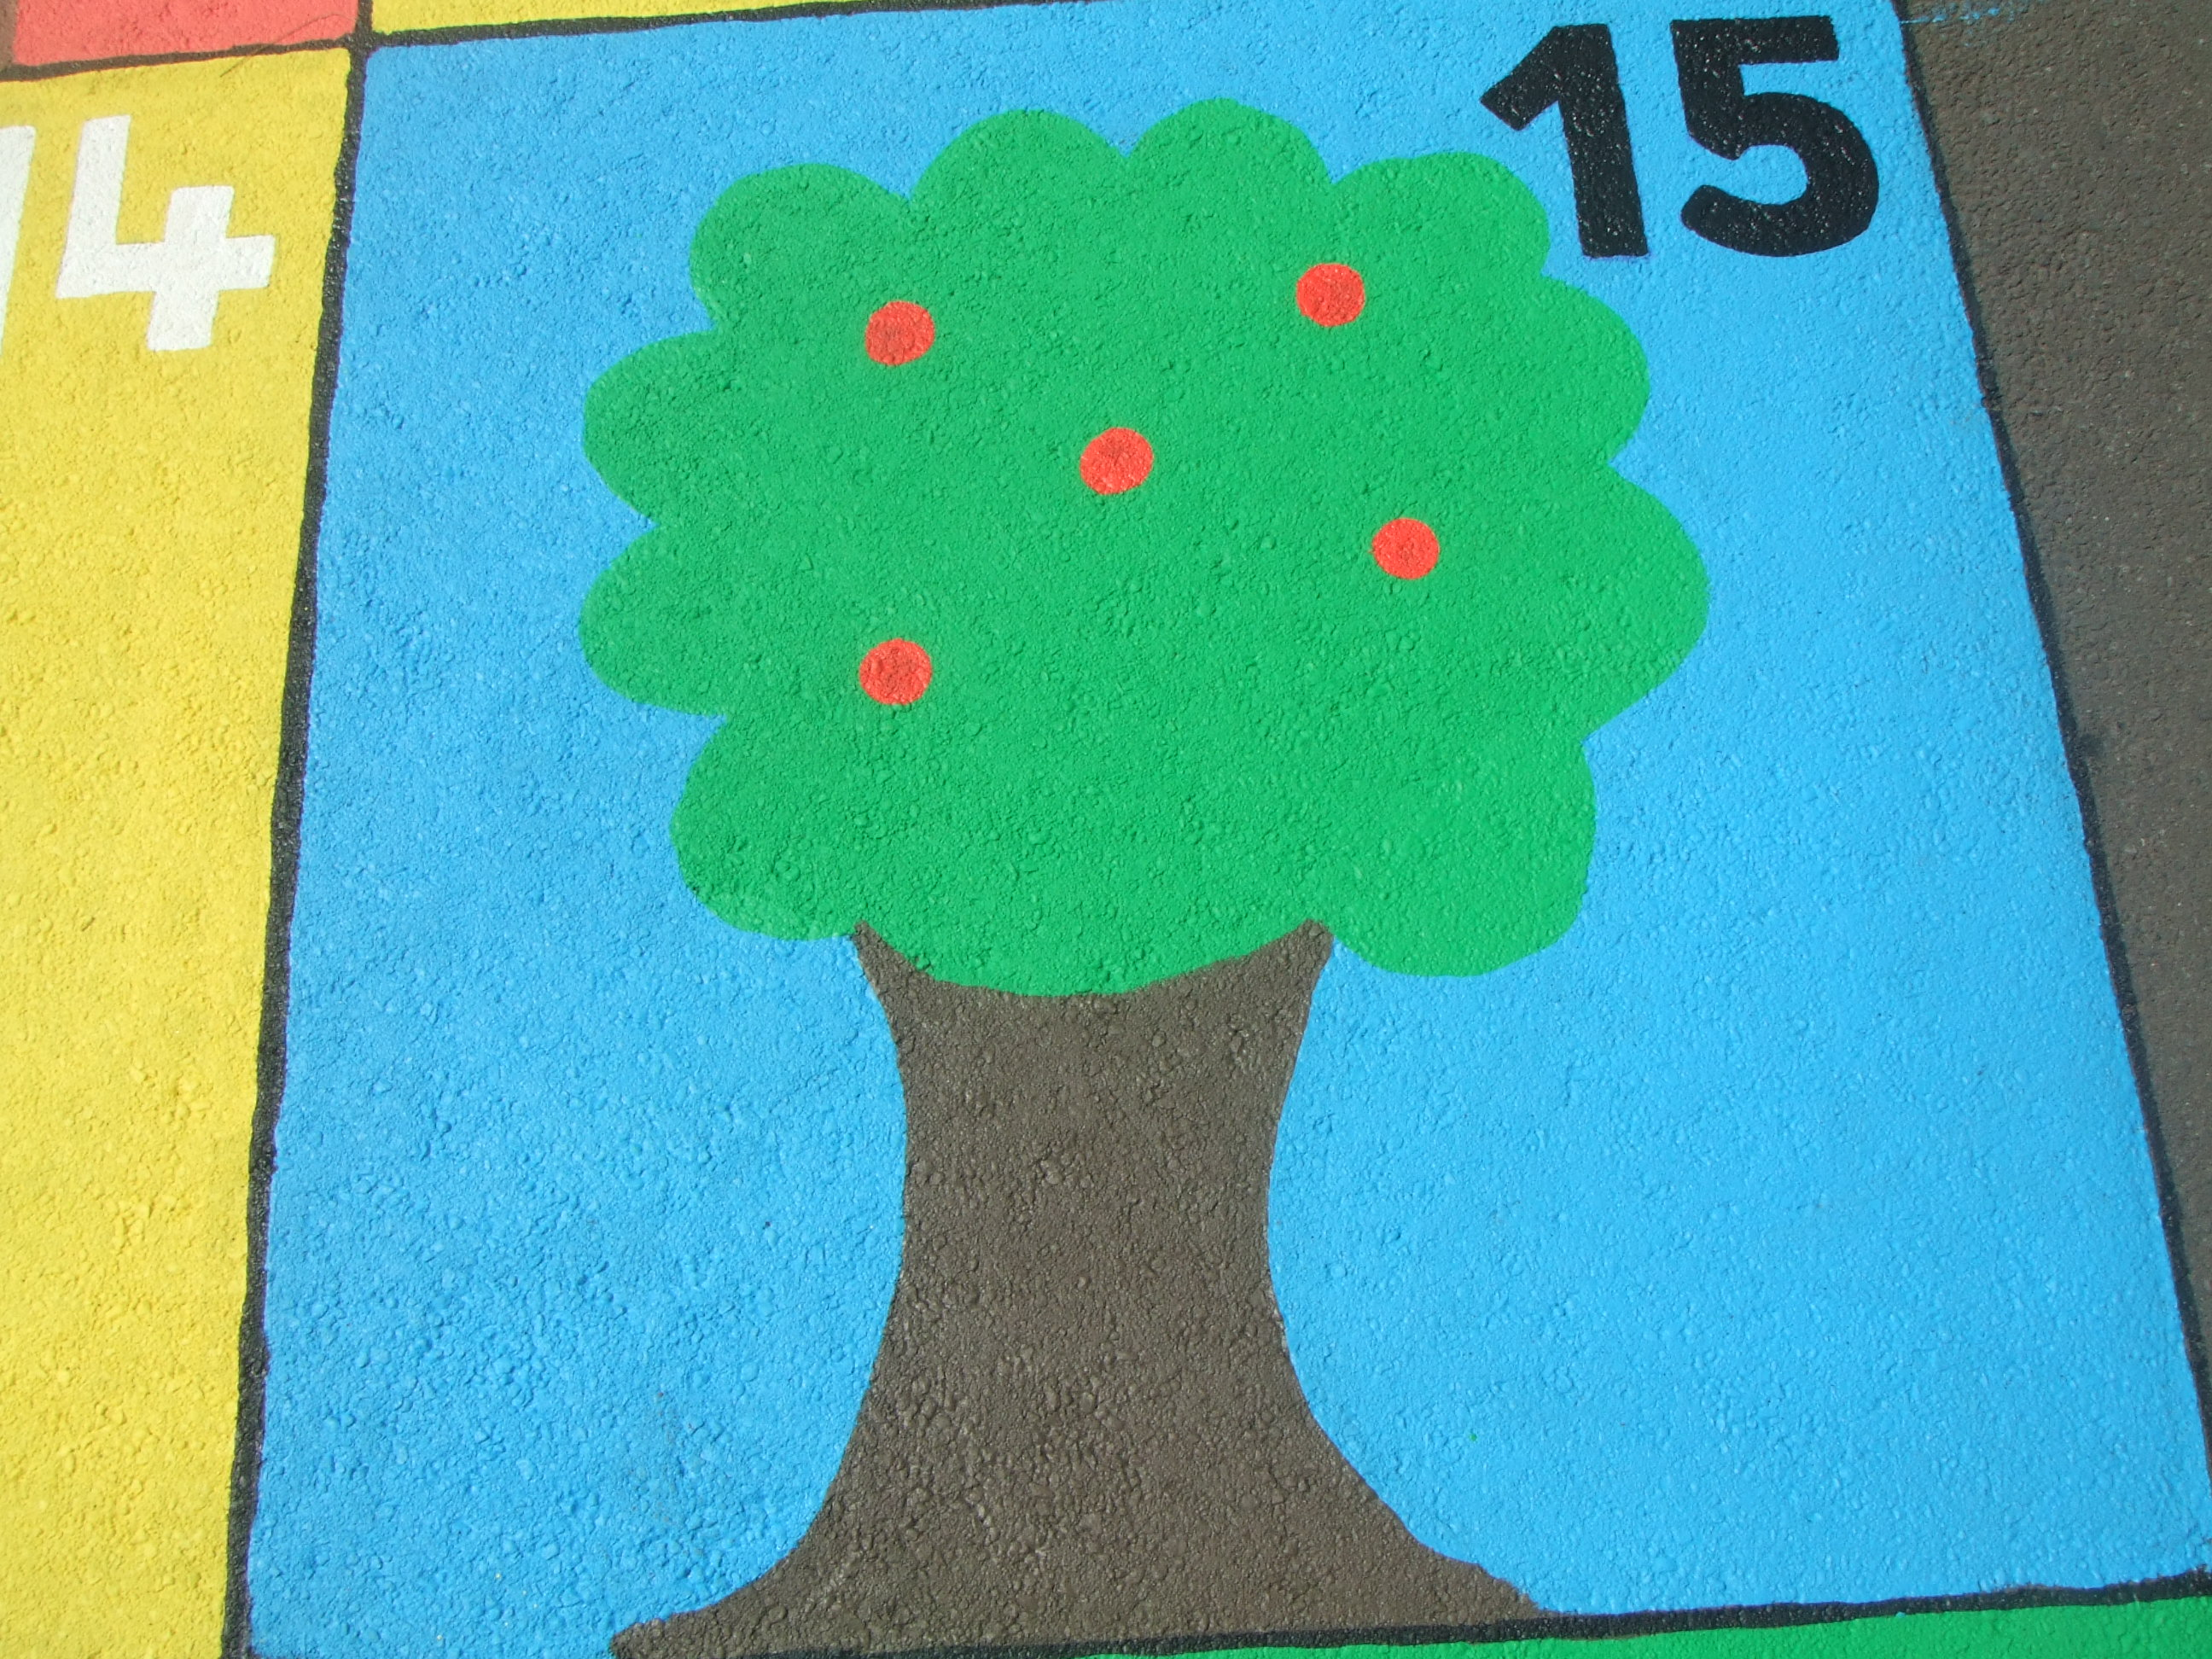 15.APPLE TREE